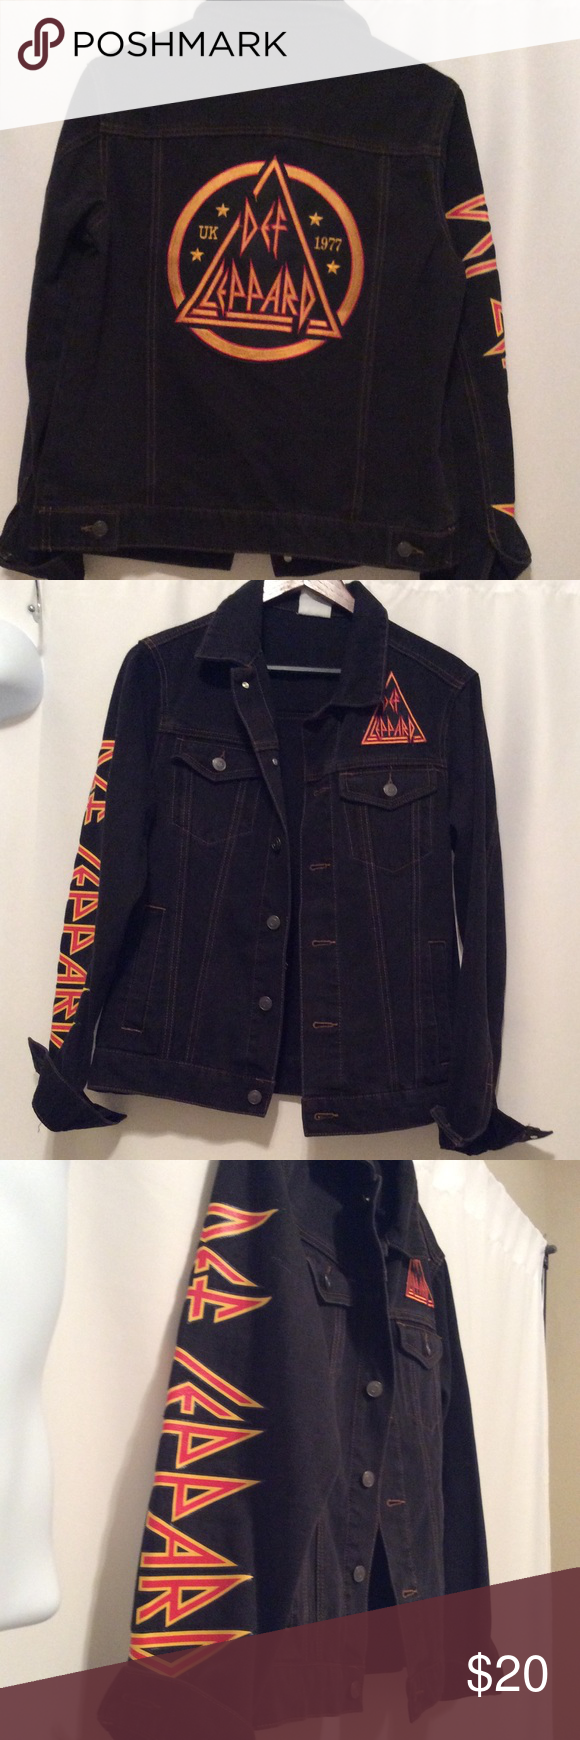 1af9dd0605 Def Leppard denim jacket Cute  rocker chic Def Leppard denim jacket!  Forever 21 Jackets